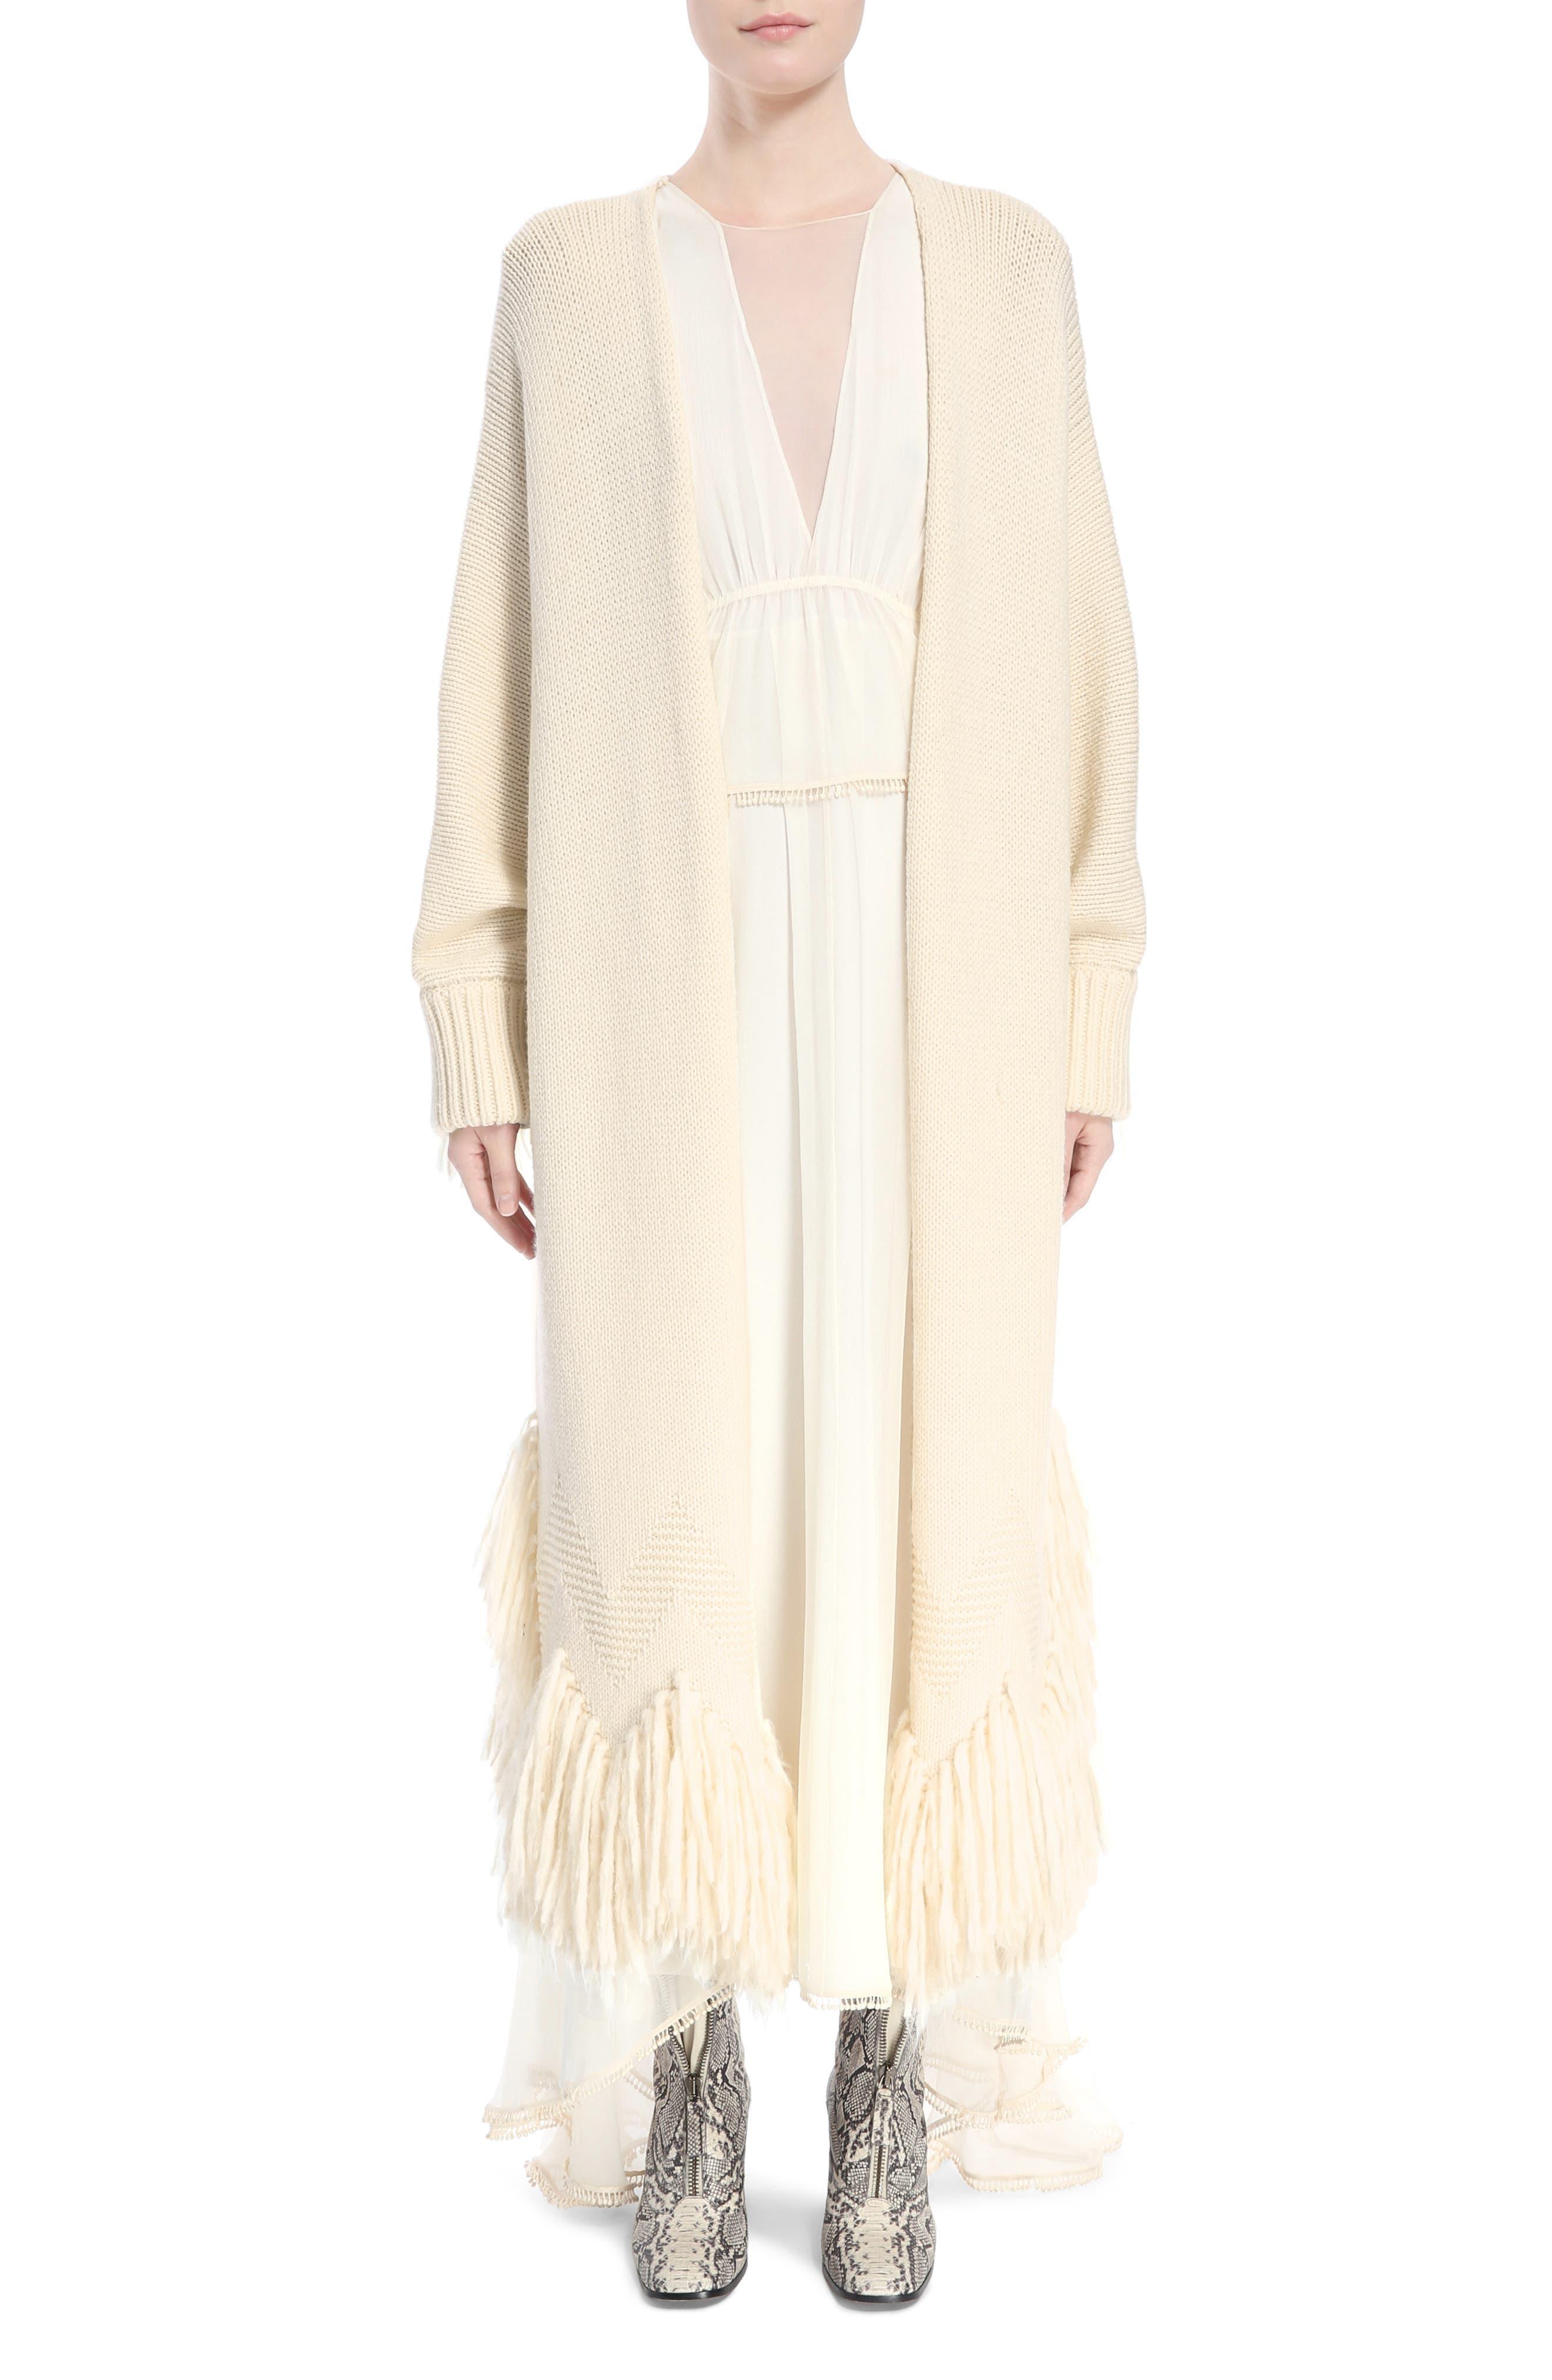 Chloé Shaggy Fringe Wool Cardigan